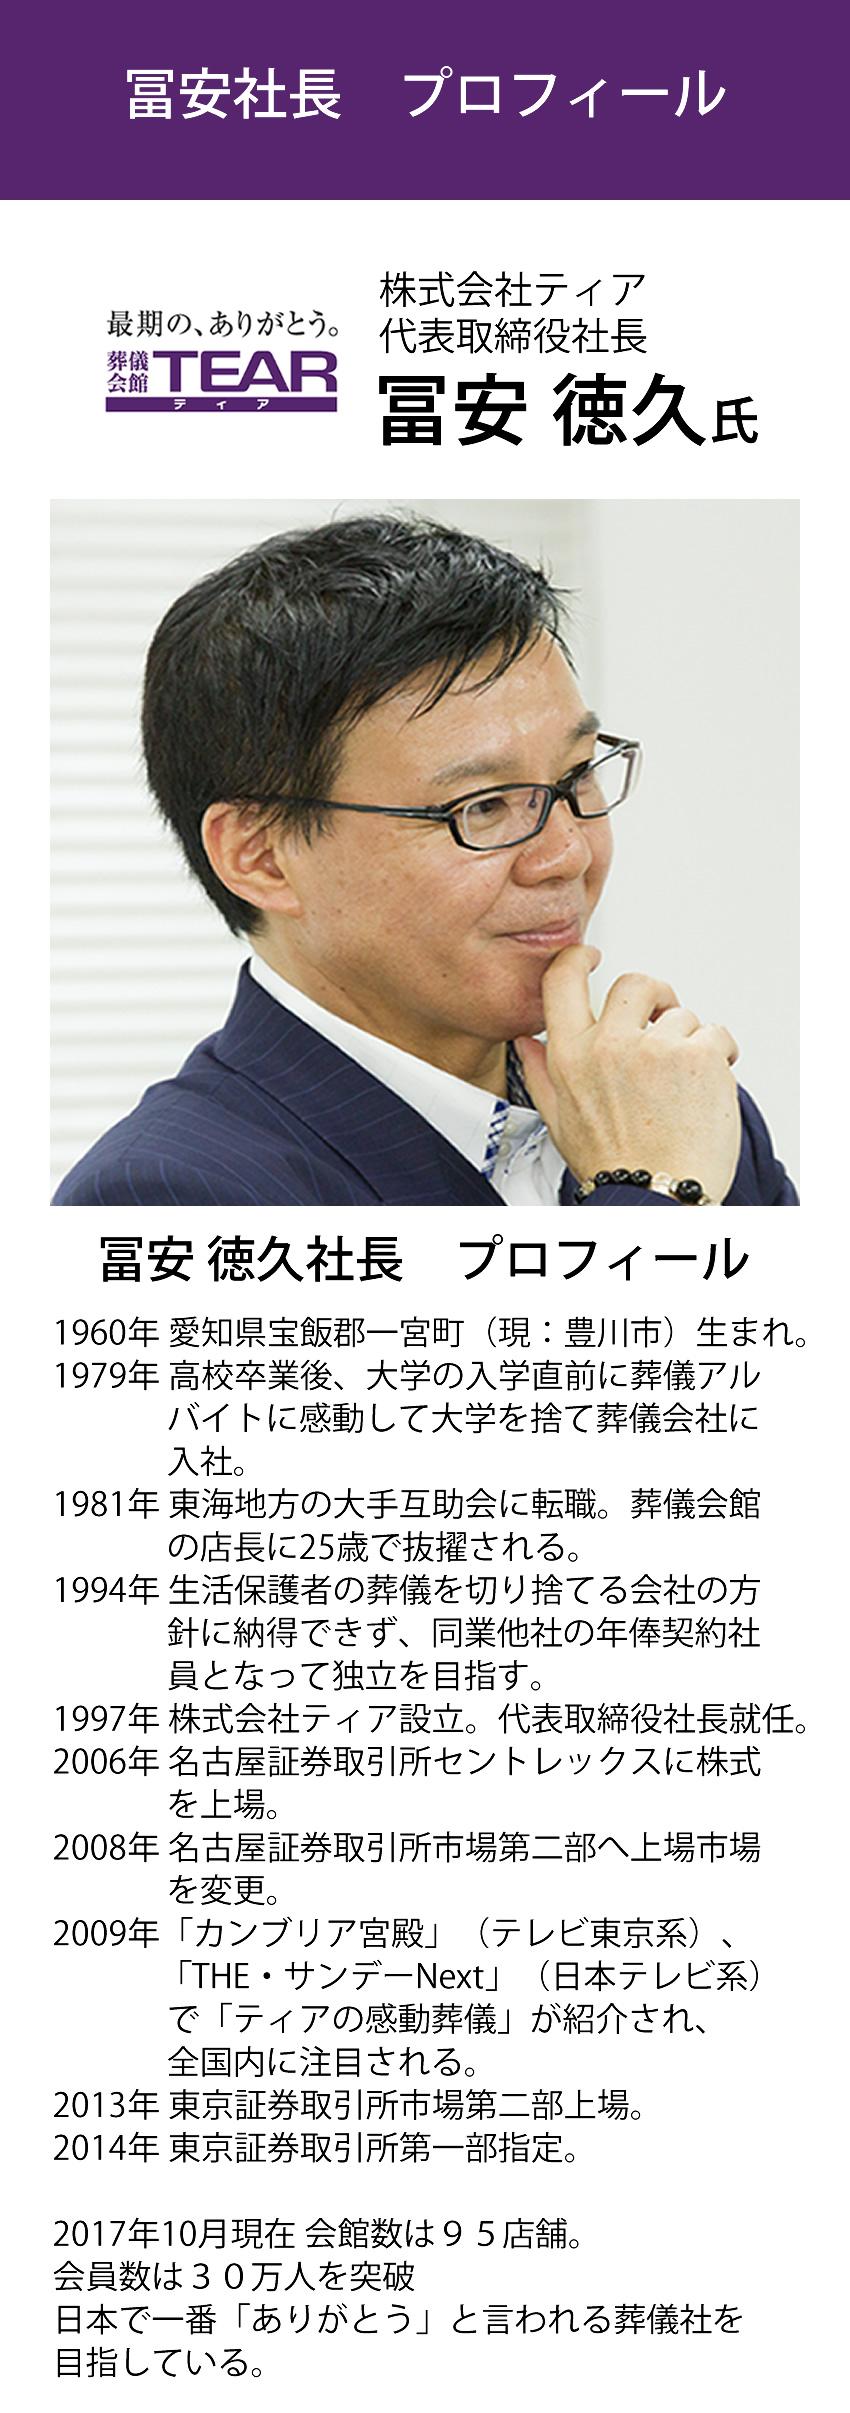 冨安徳久社長 プロフィール